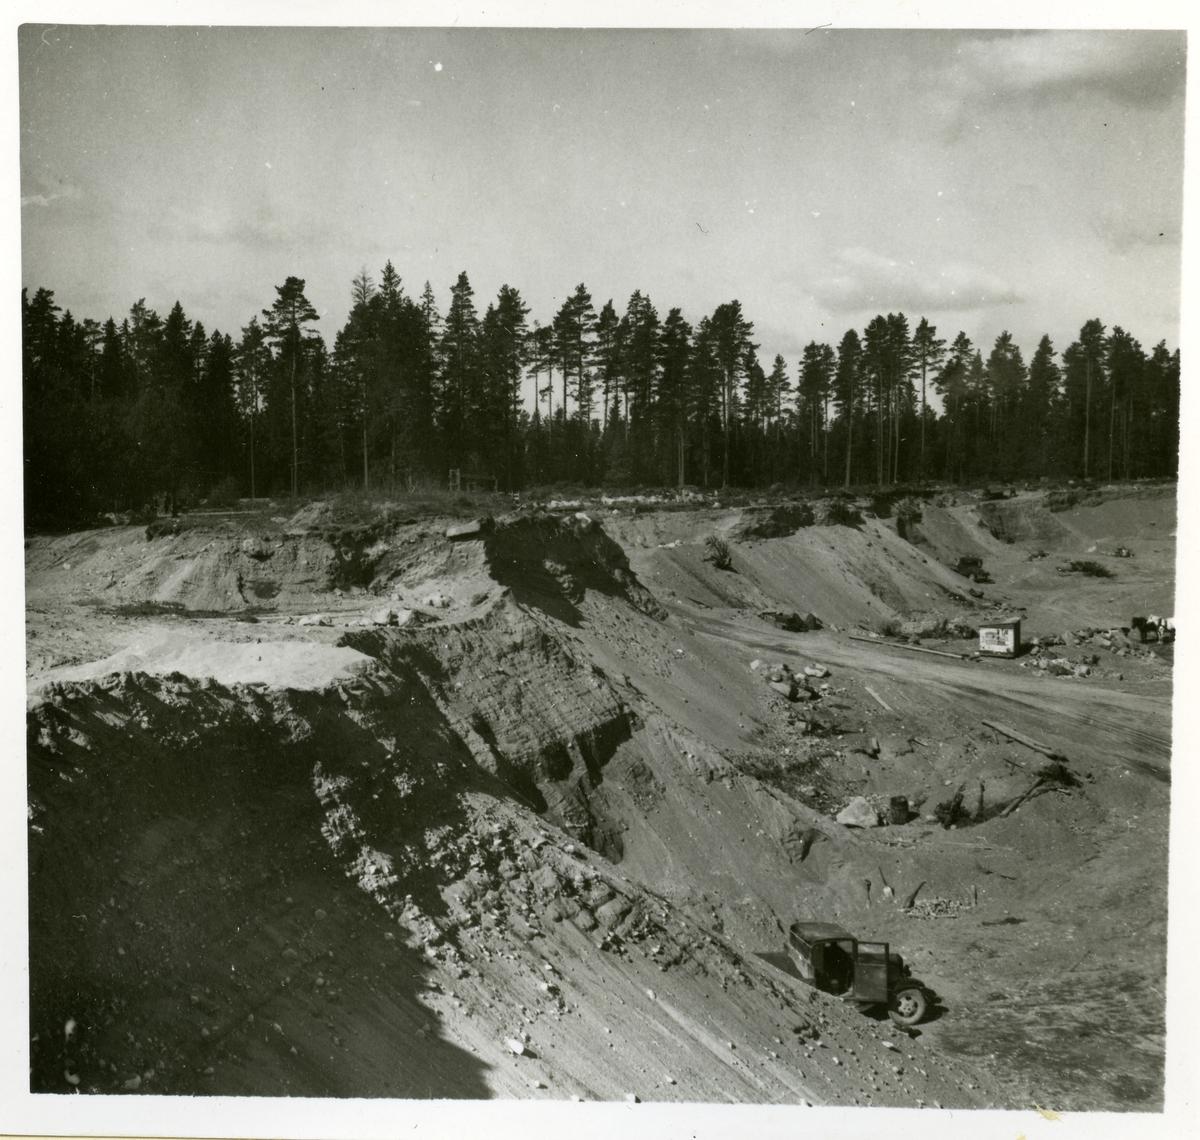 Hubbo sn, Alvesta. Alvesta 3:1, grustaget. 1938.  (I samband med skadat fornminne).